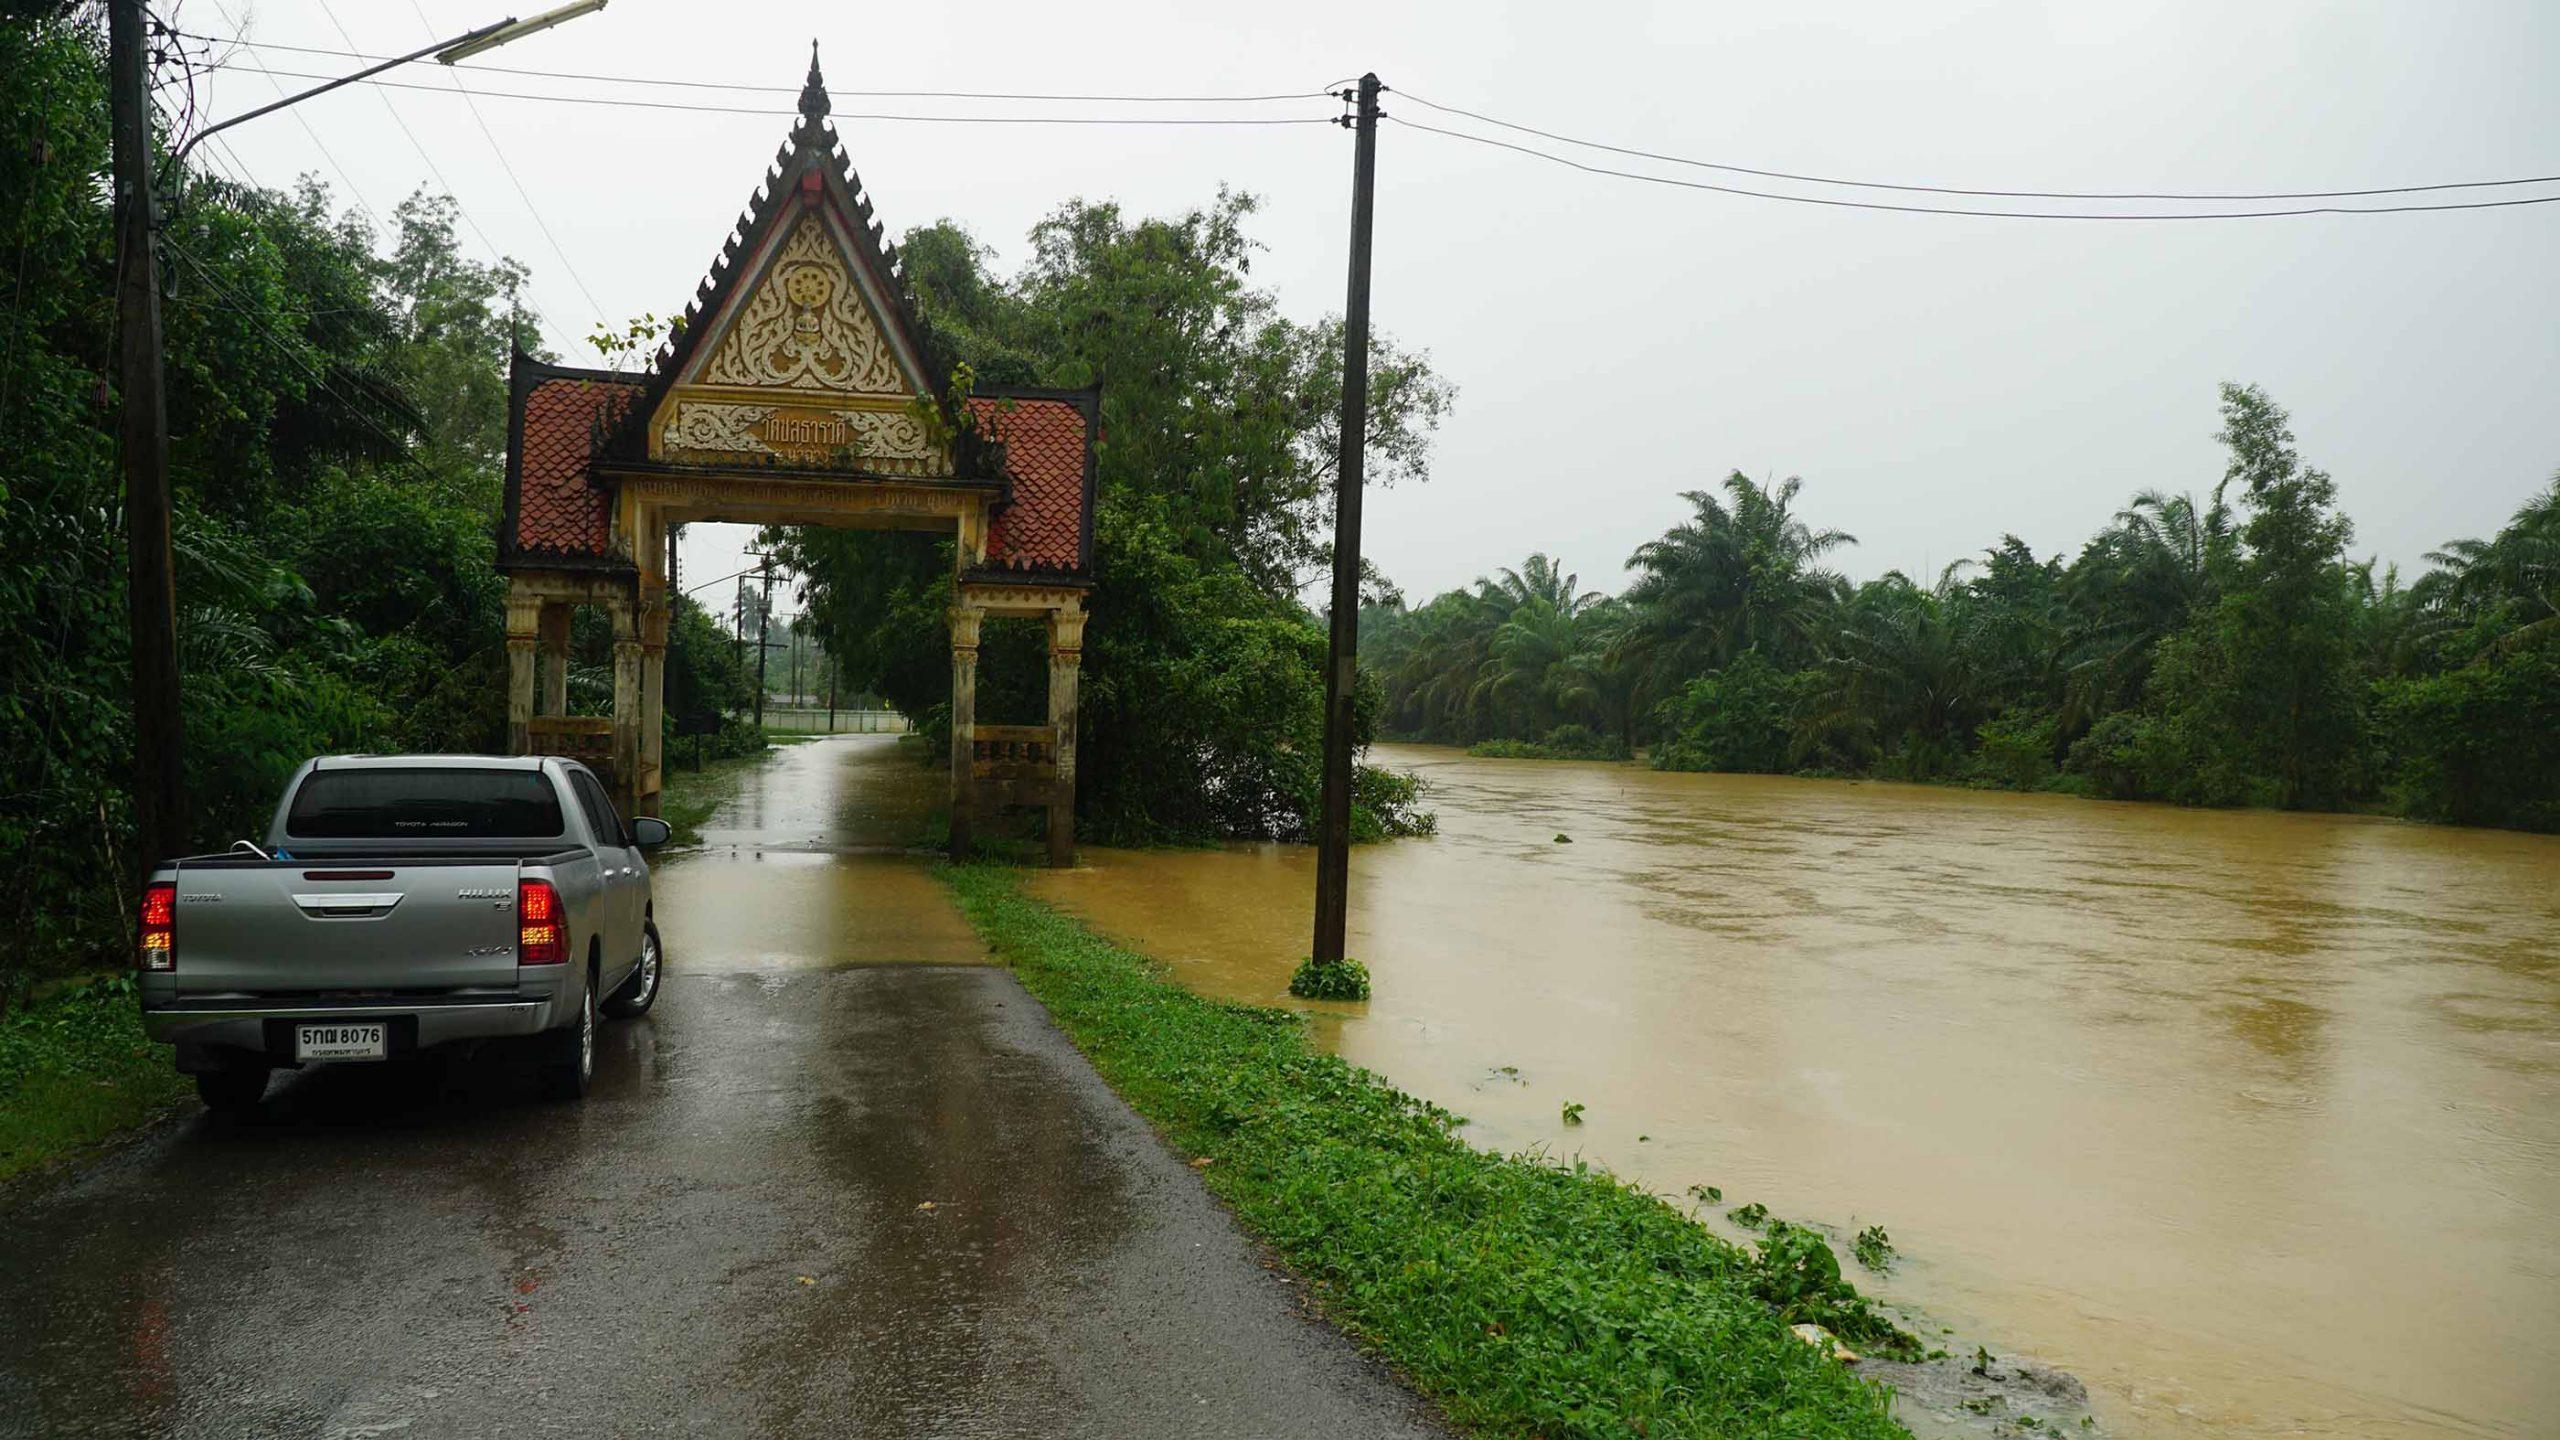 ชุมพรฝนหนัก 5 วันติด!! น้ำป่าทะลักท่วมบ้านเรือน โรงเรียนปิด